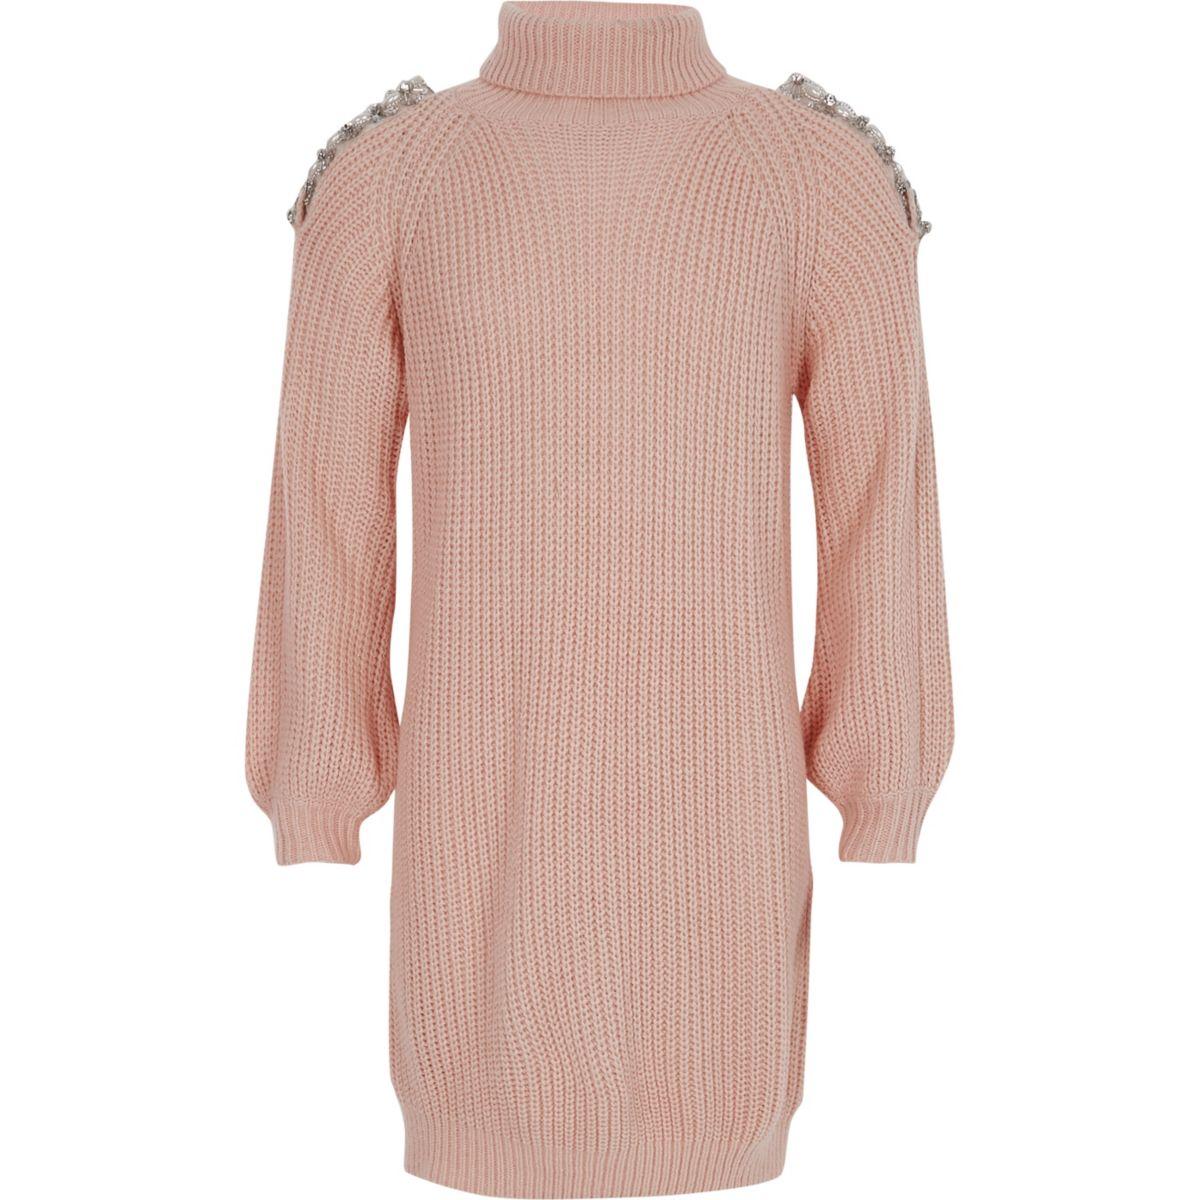 Girls pink knit cold shoulder sweater dress